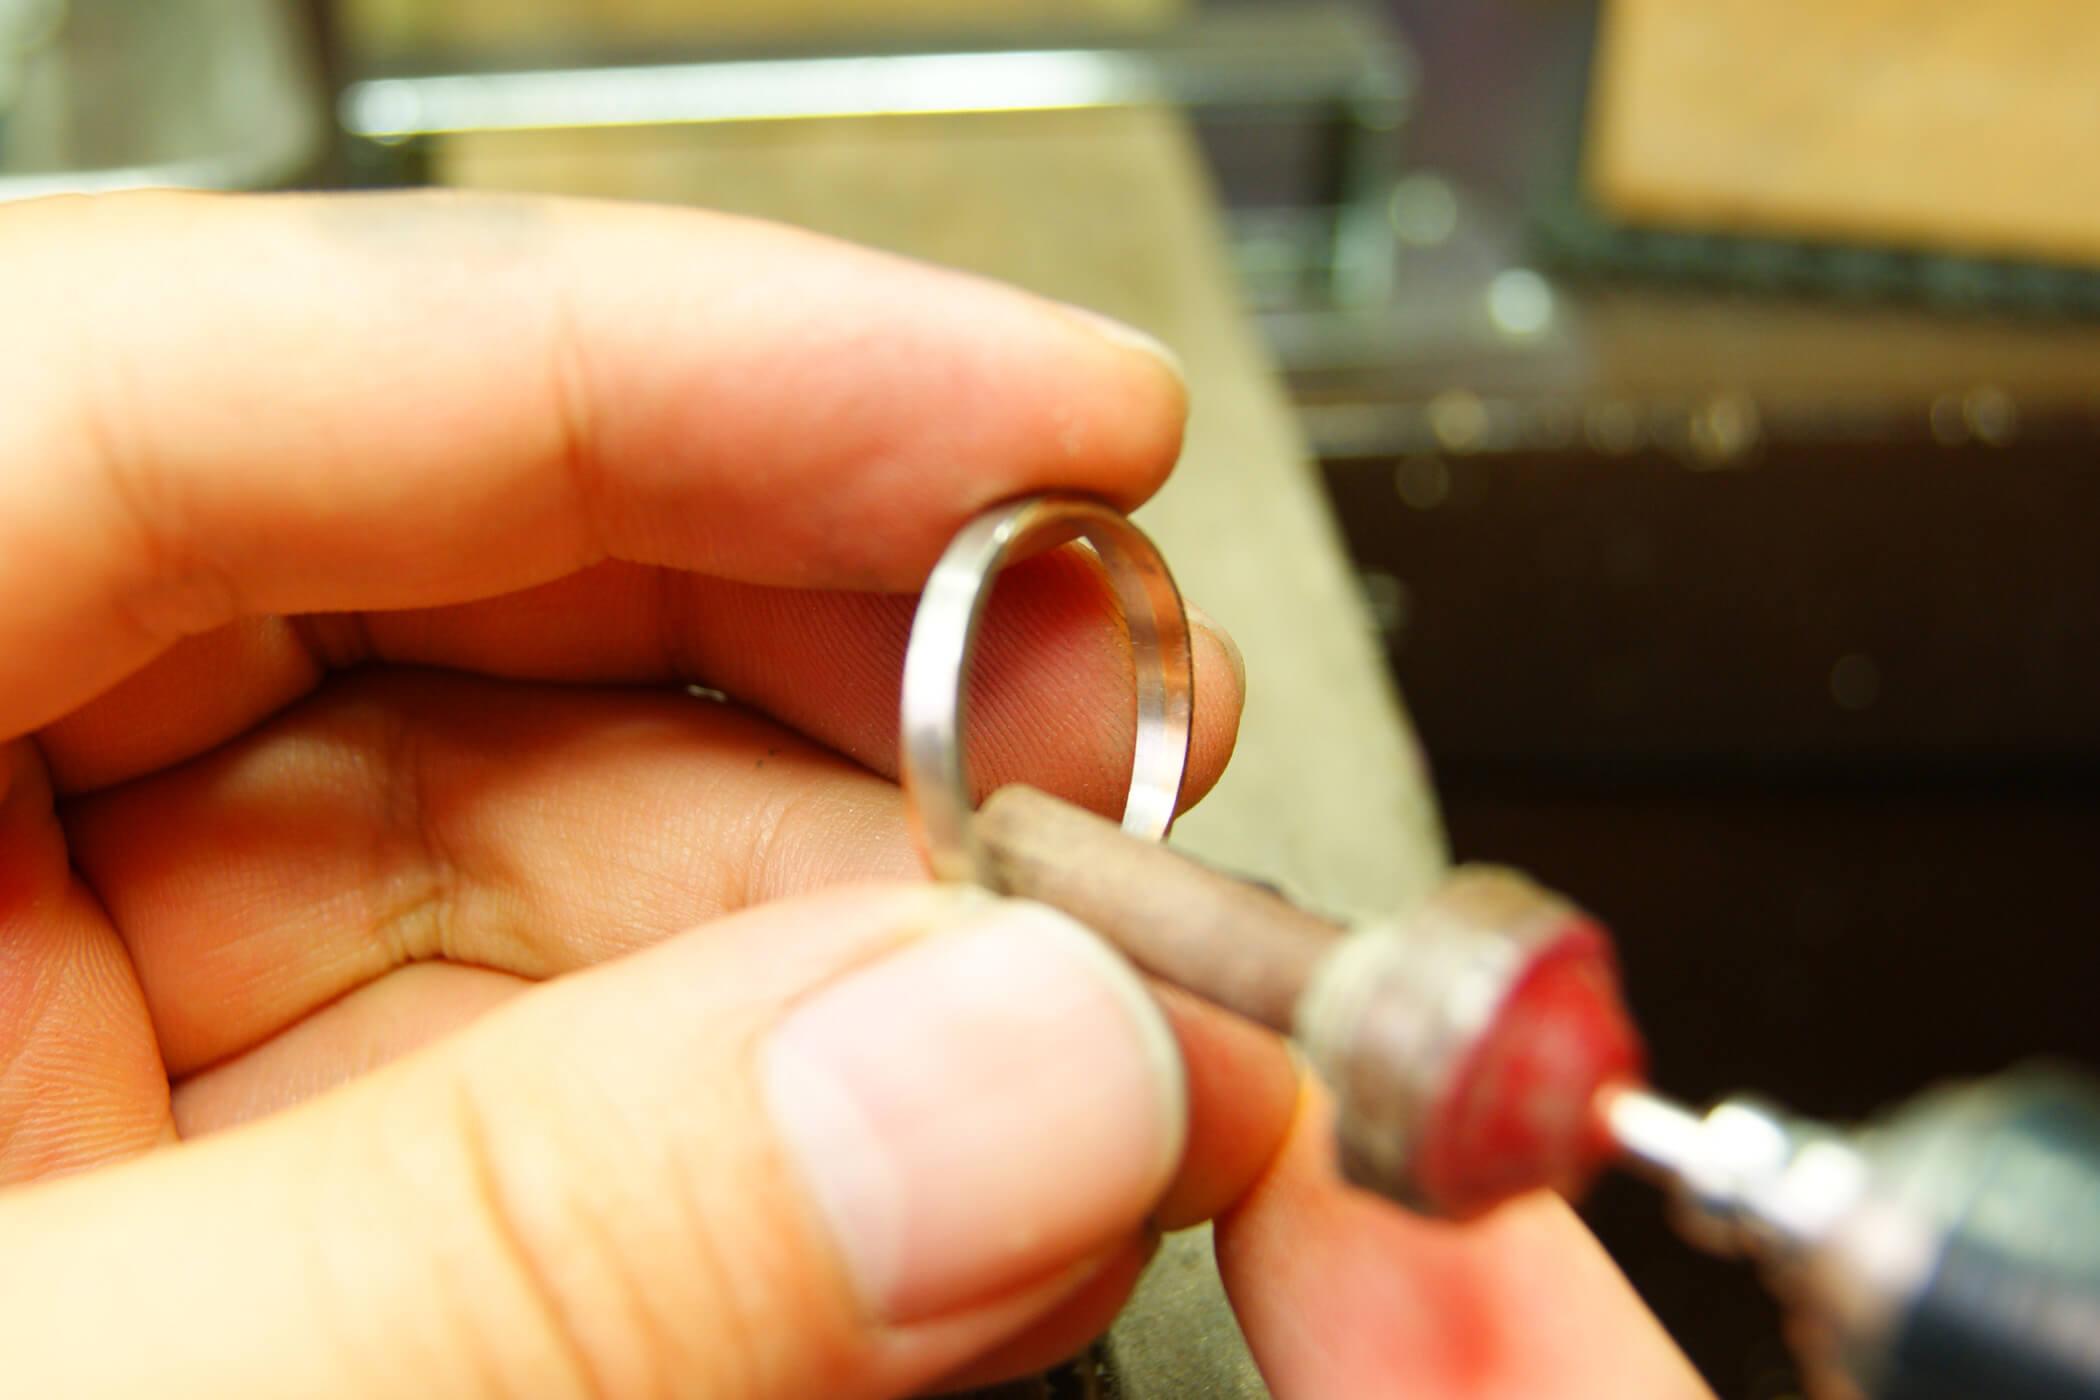 セルフメイド | 地金加工 | かざりやゆい | 世界に一つだけの結婚指輪「kazariya Yui」 | 福島県郡山市